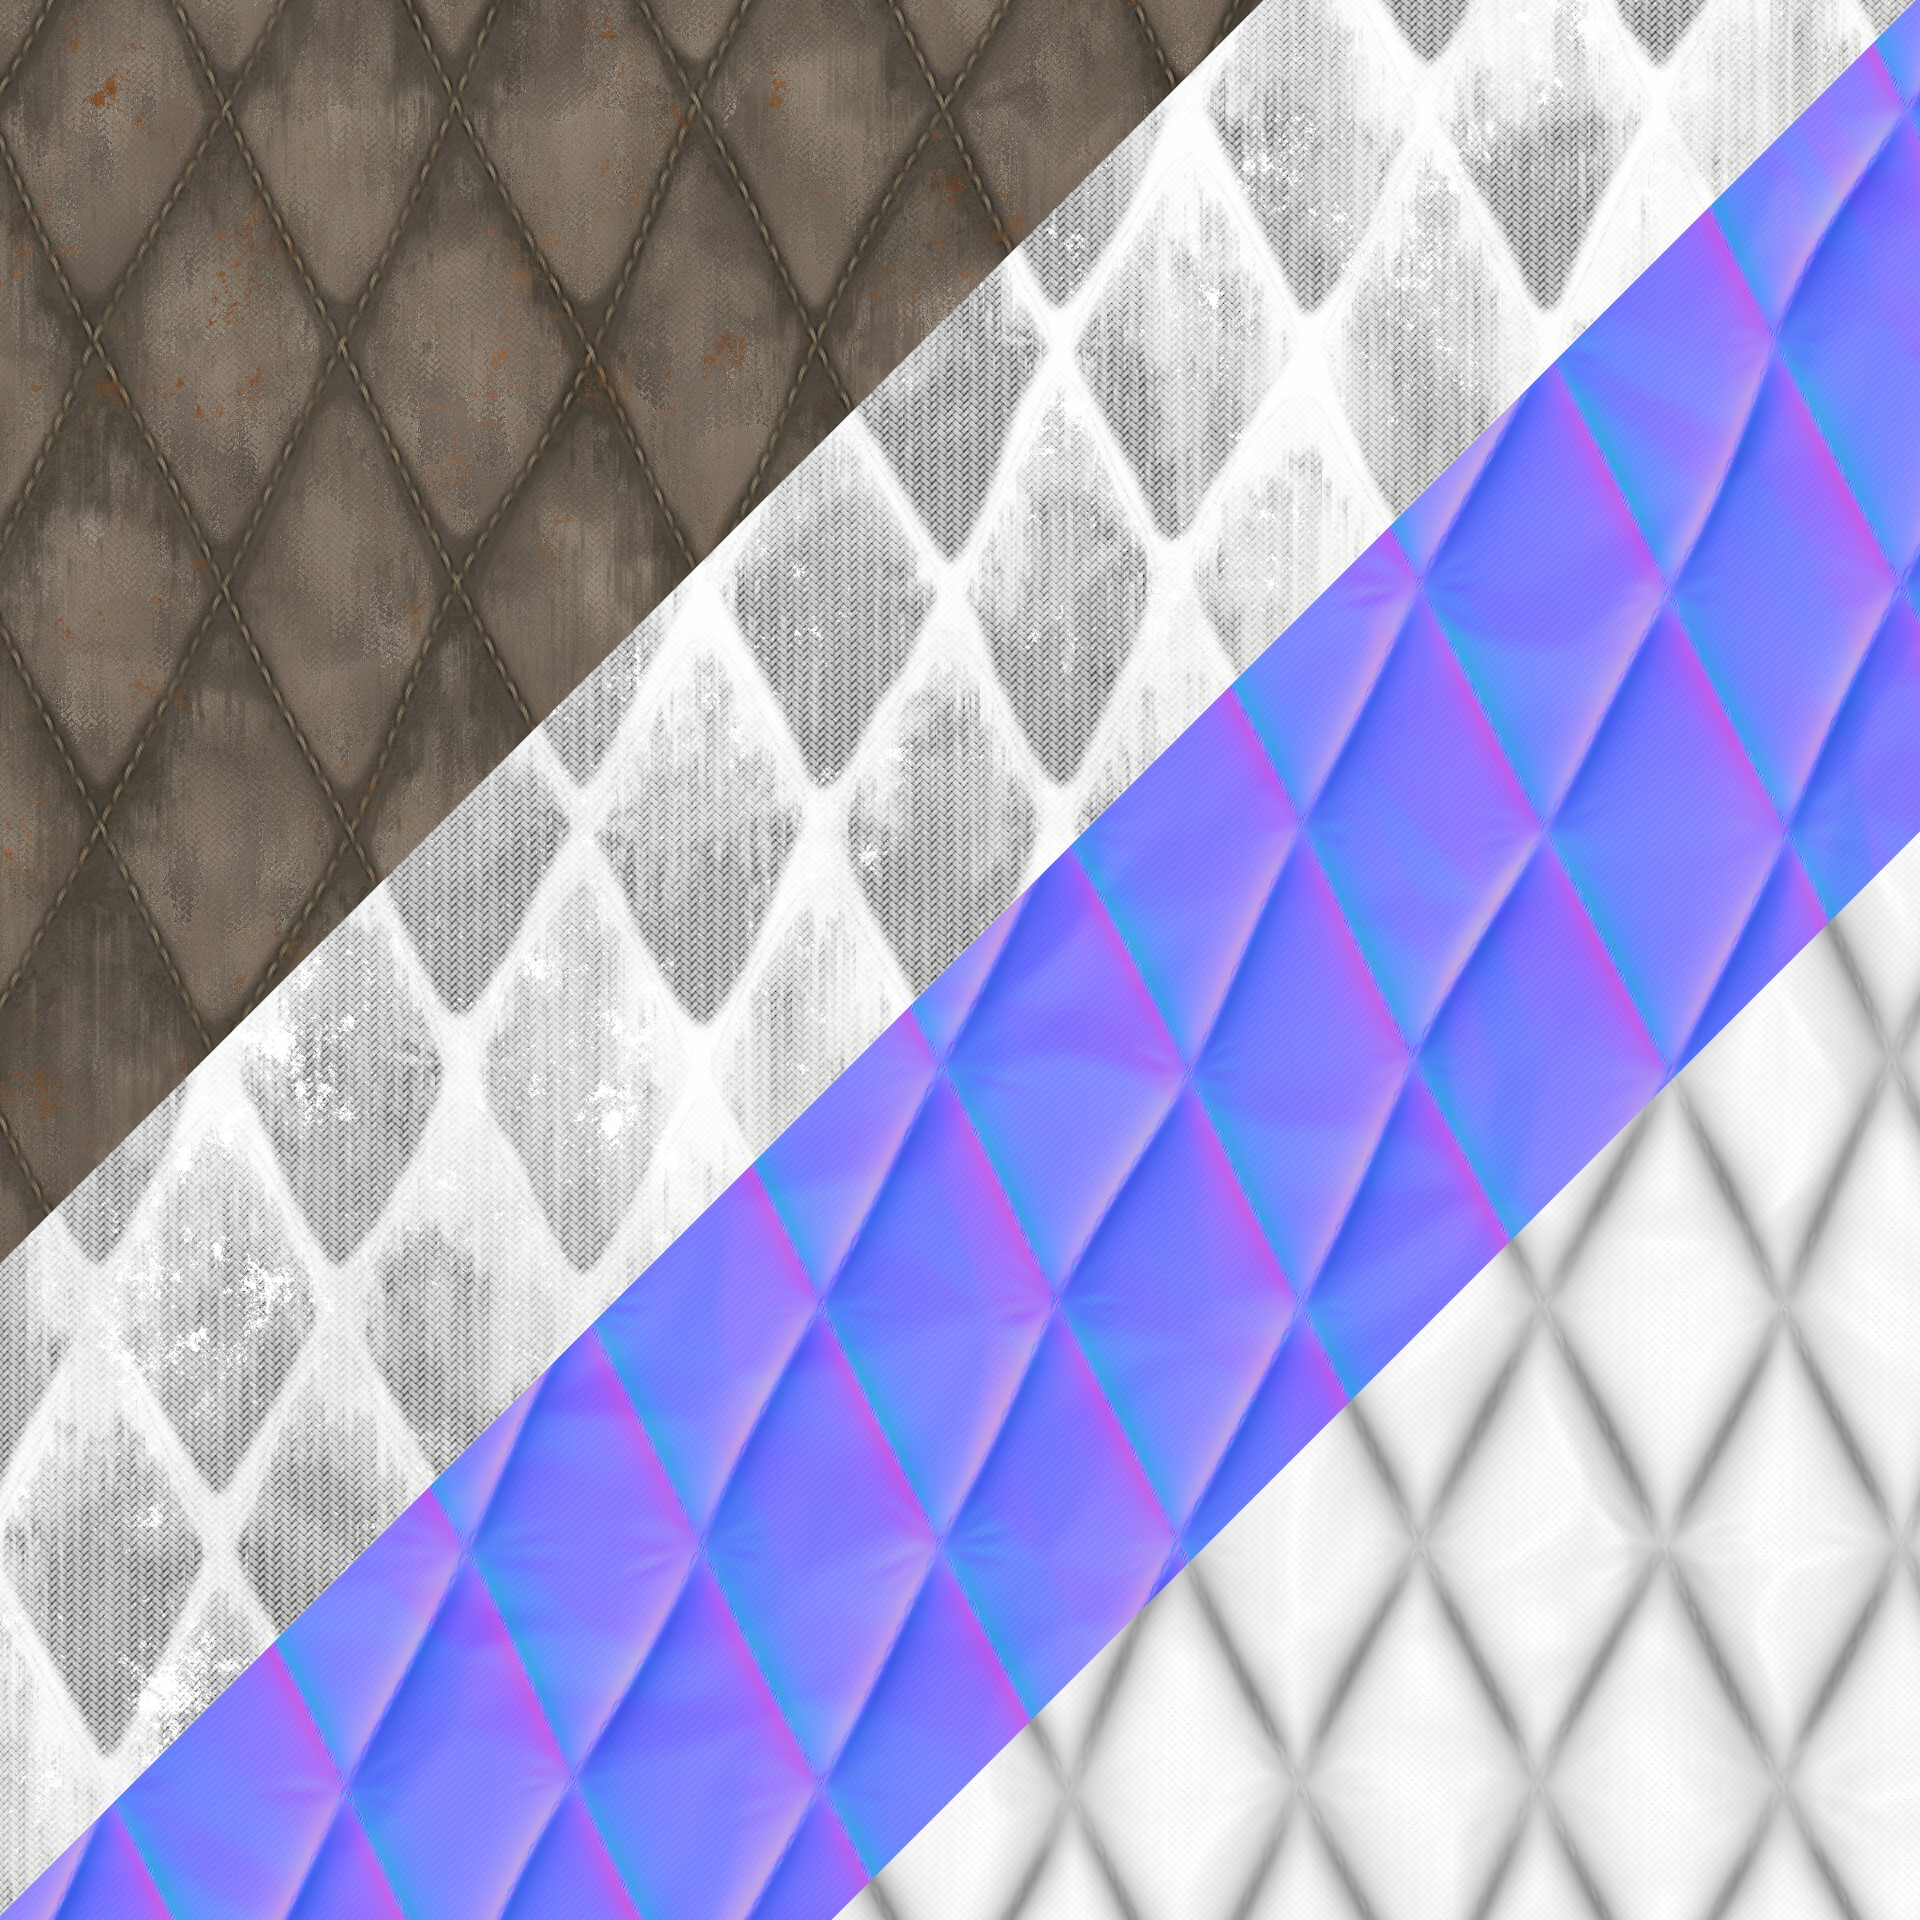 Zachary schlanger zacharyschlanger cloth texture